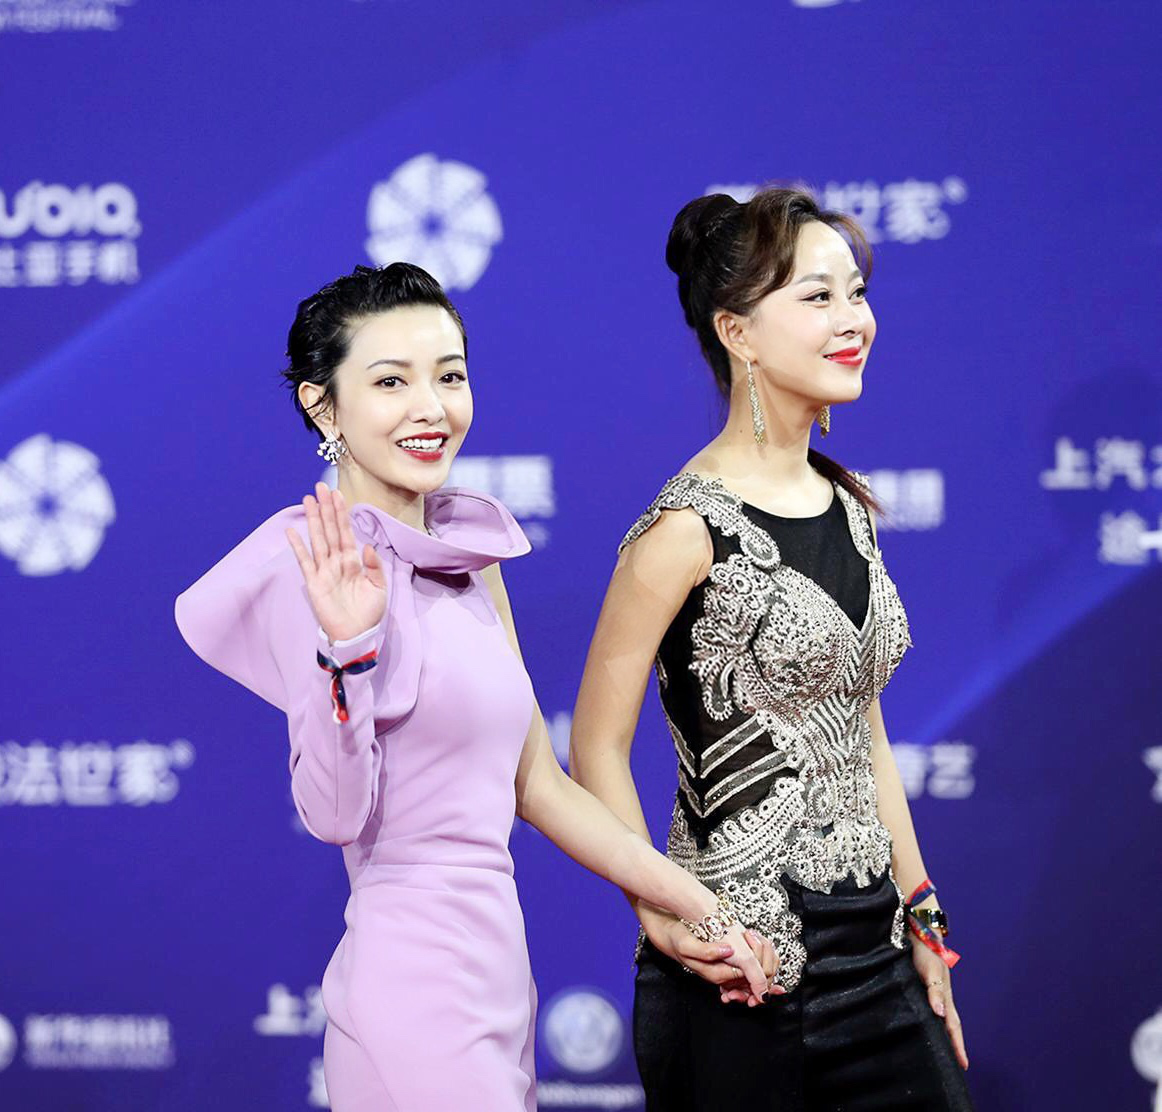 影星王芯宜随《记忆切割》剧组亮相北京国际电影节闭幕式